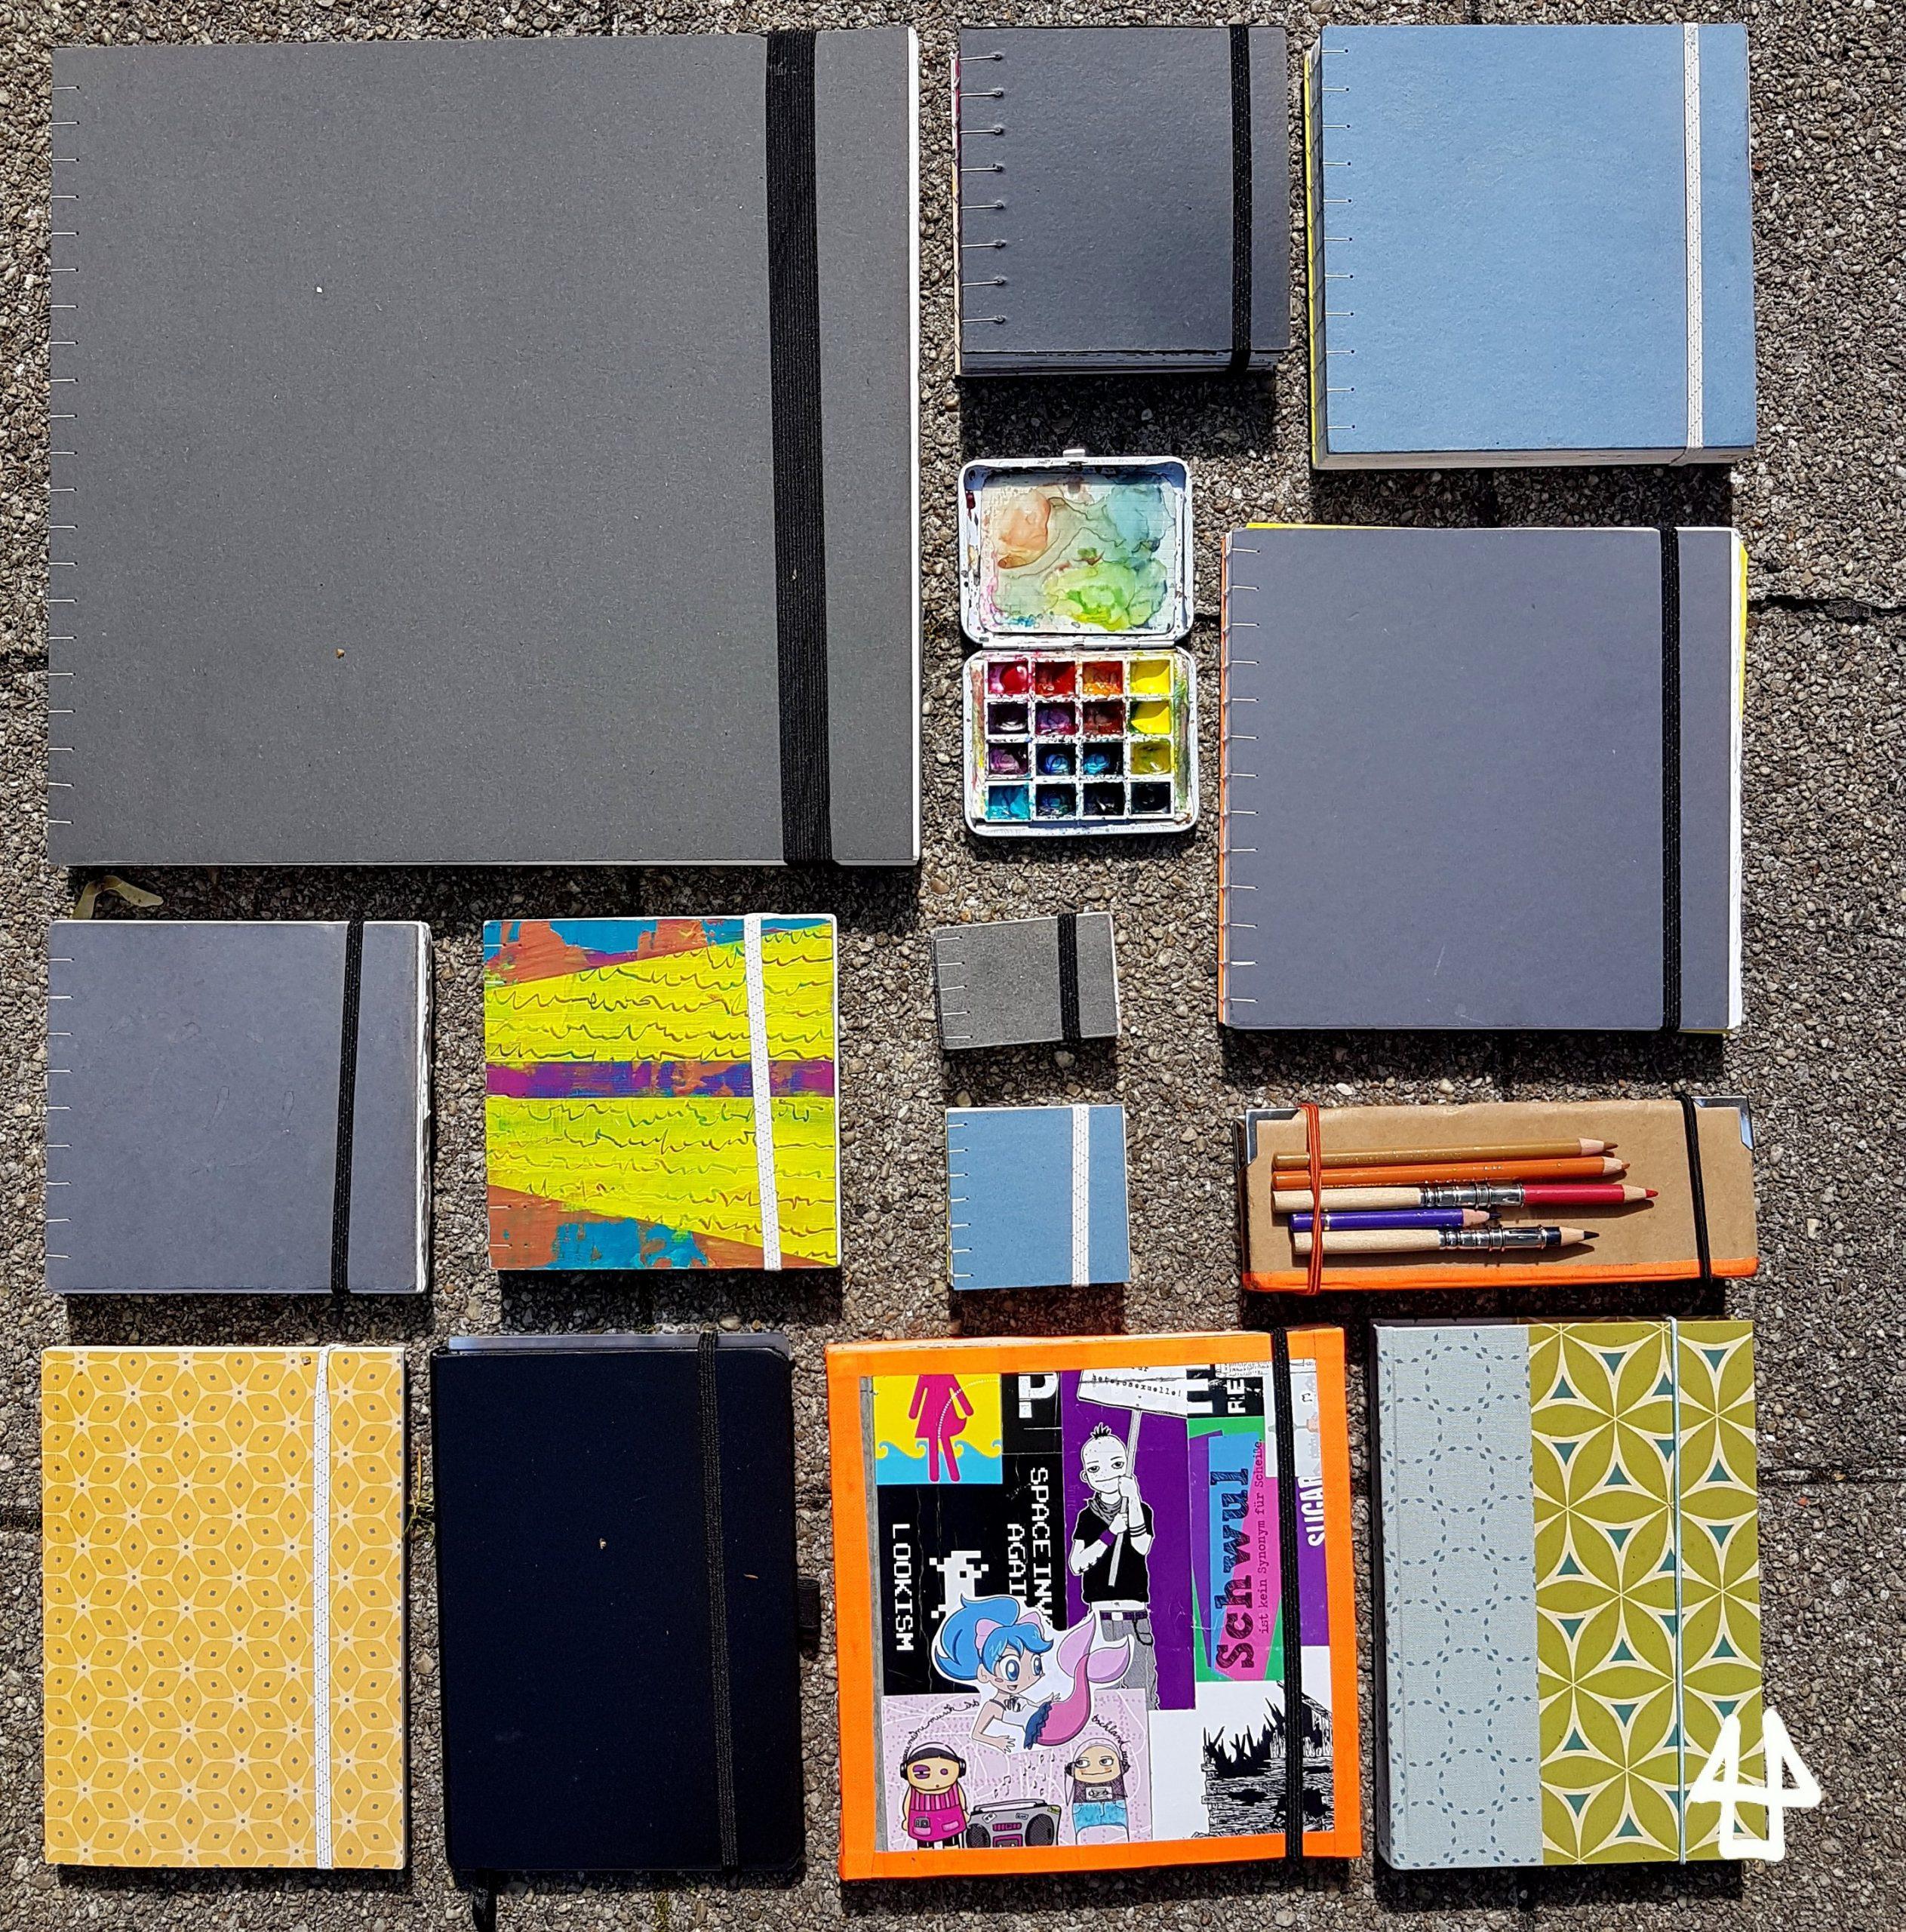 Auf Gehwegplatten liegen wie ein Puzzle angeordnet 12 hauptsächlich quadratische Skizzenbücher, dazwischen Maluntensilien